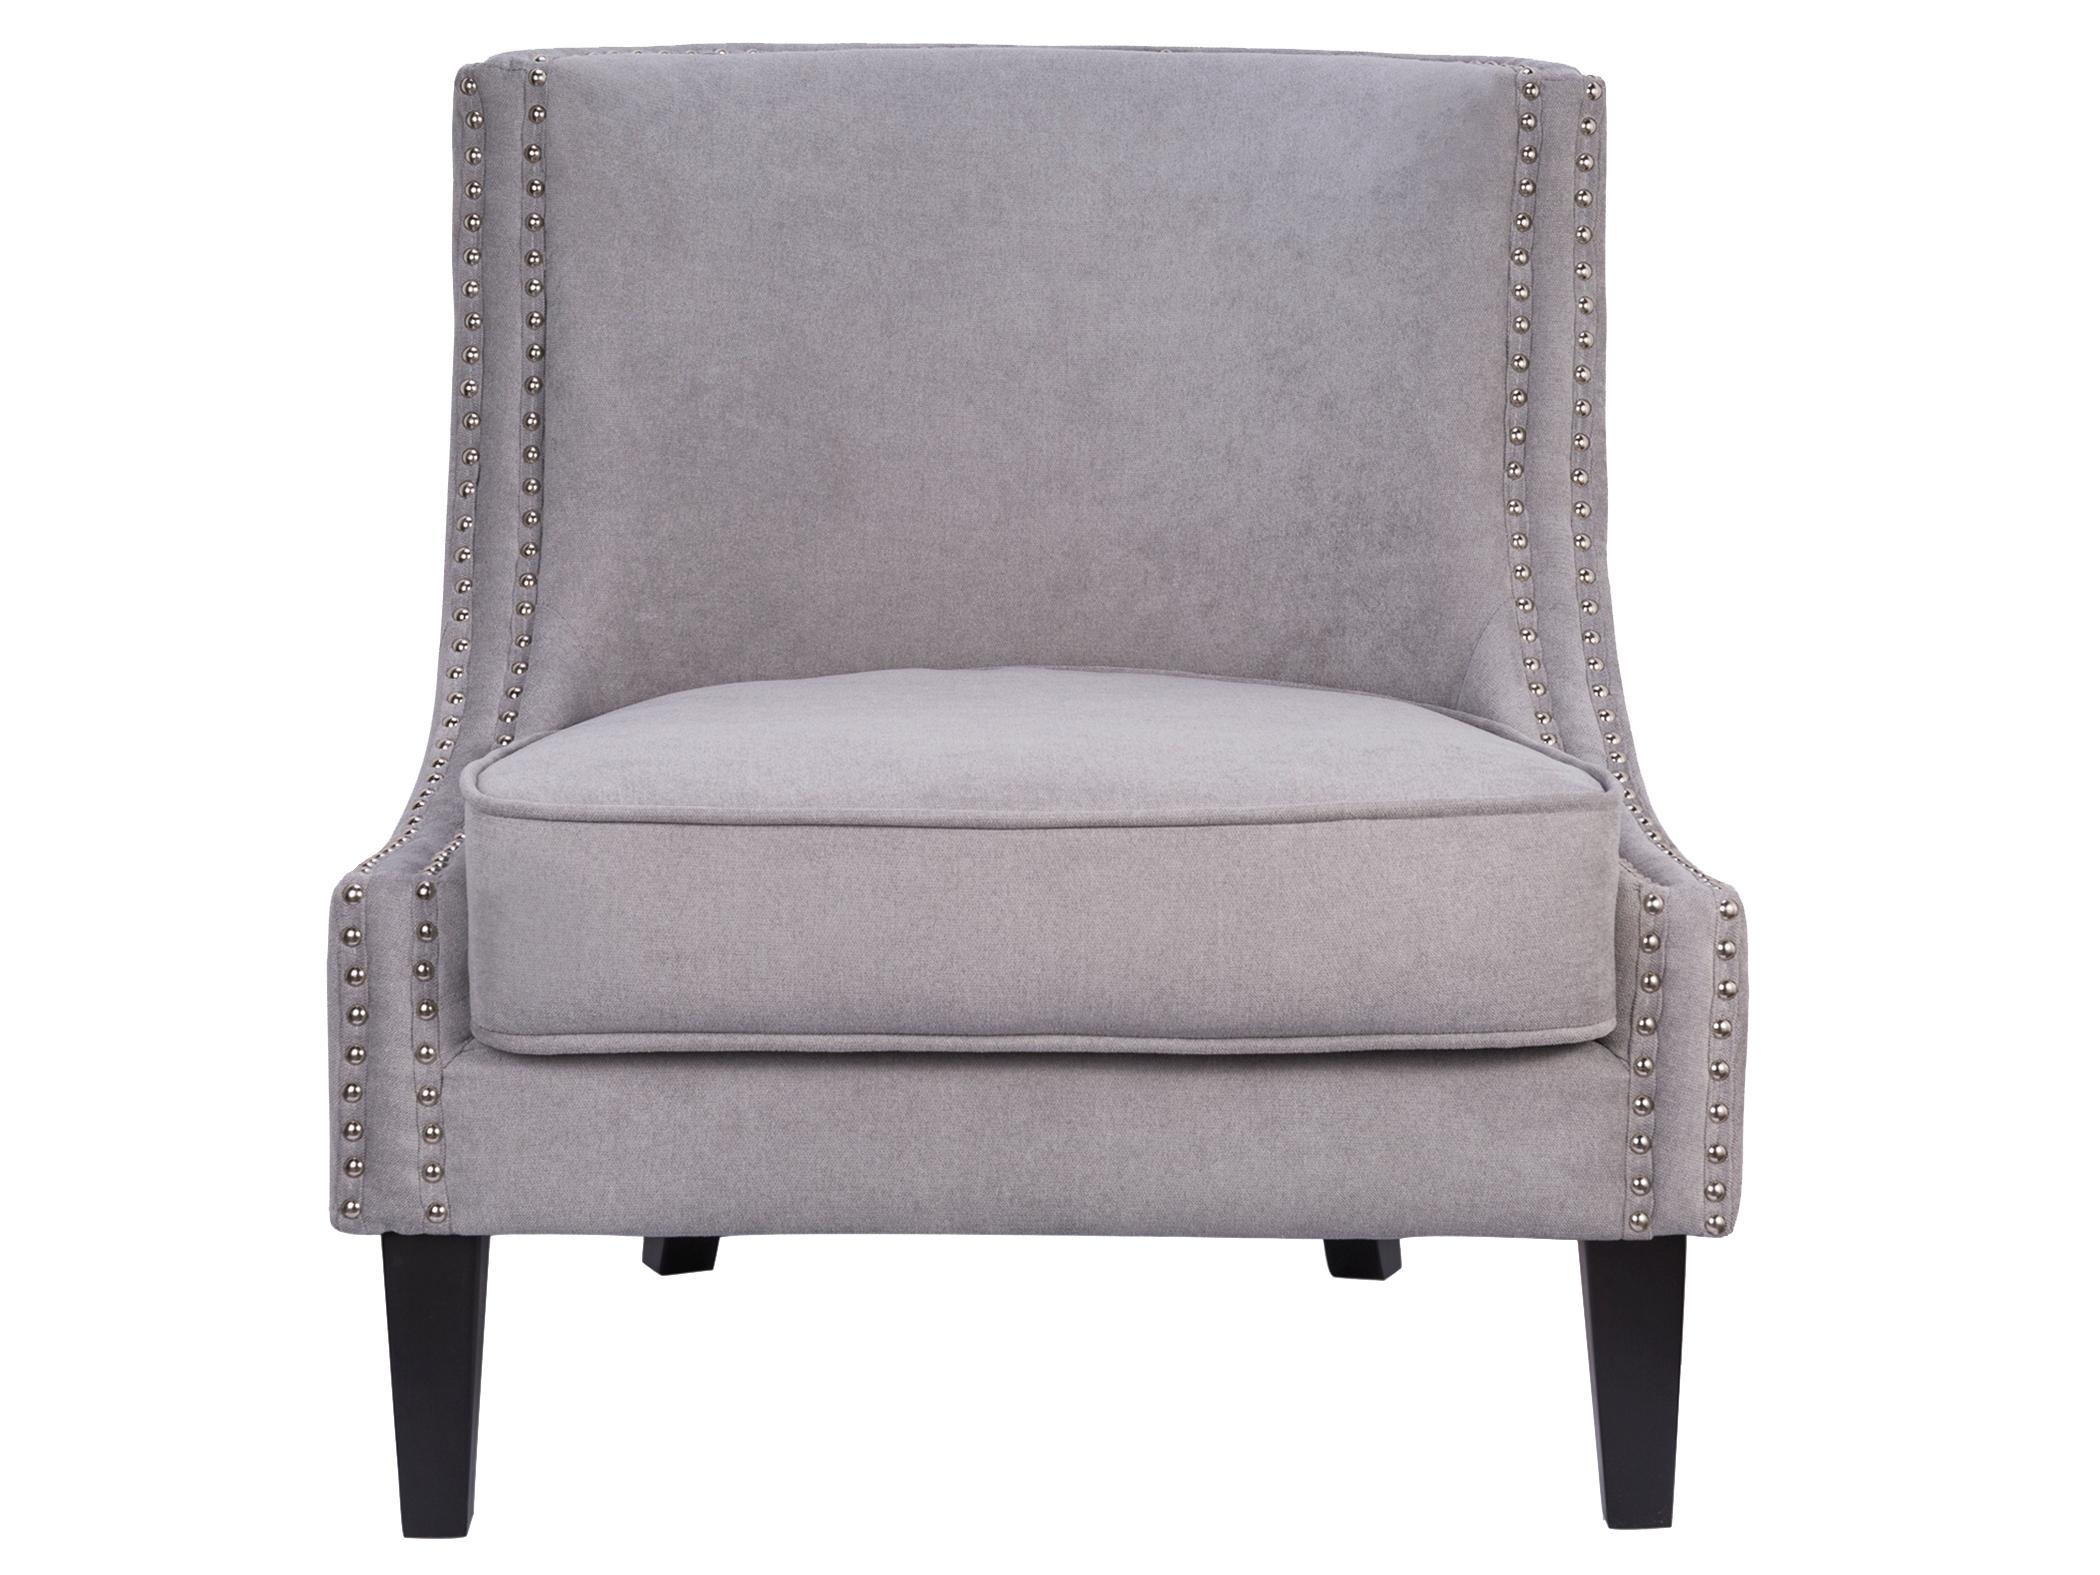 КреслоПолукресла<br>Изящное, удобное кресло, компактного размера, с мягкой спинкой,украшенное молдингами.&amp;lt;div&amp;gt;Ножки из натурального дерева.&amp;lt;/div&amp;gt;<br><br>Material: Текстиль<br>Ширина см: 74<br>Высота см: 80<br>Глубина см: 81